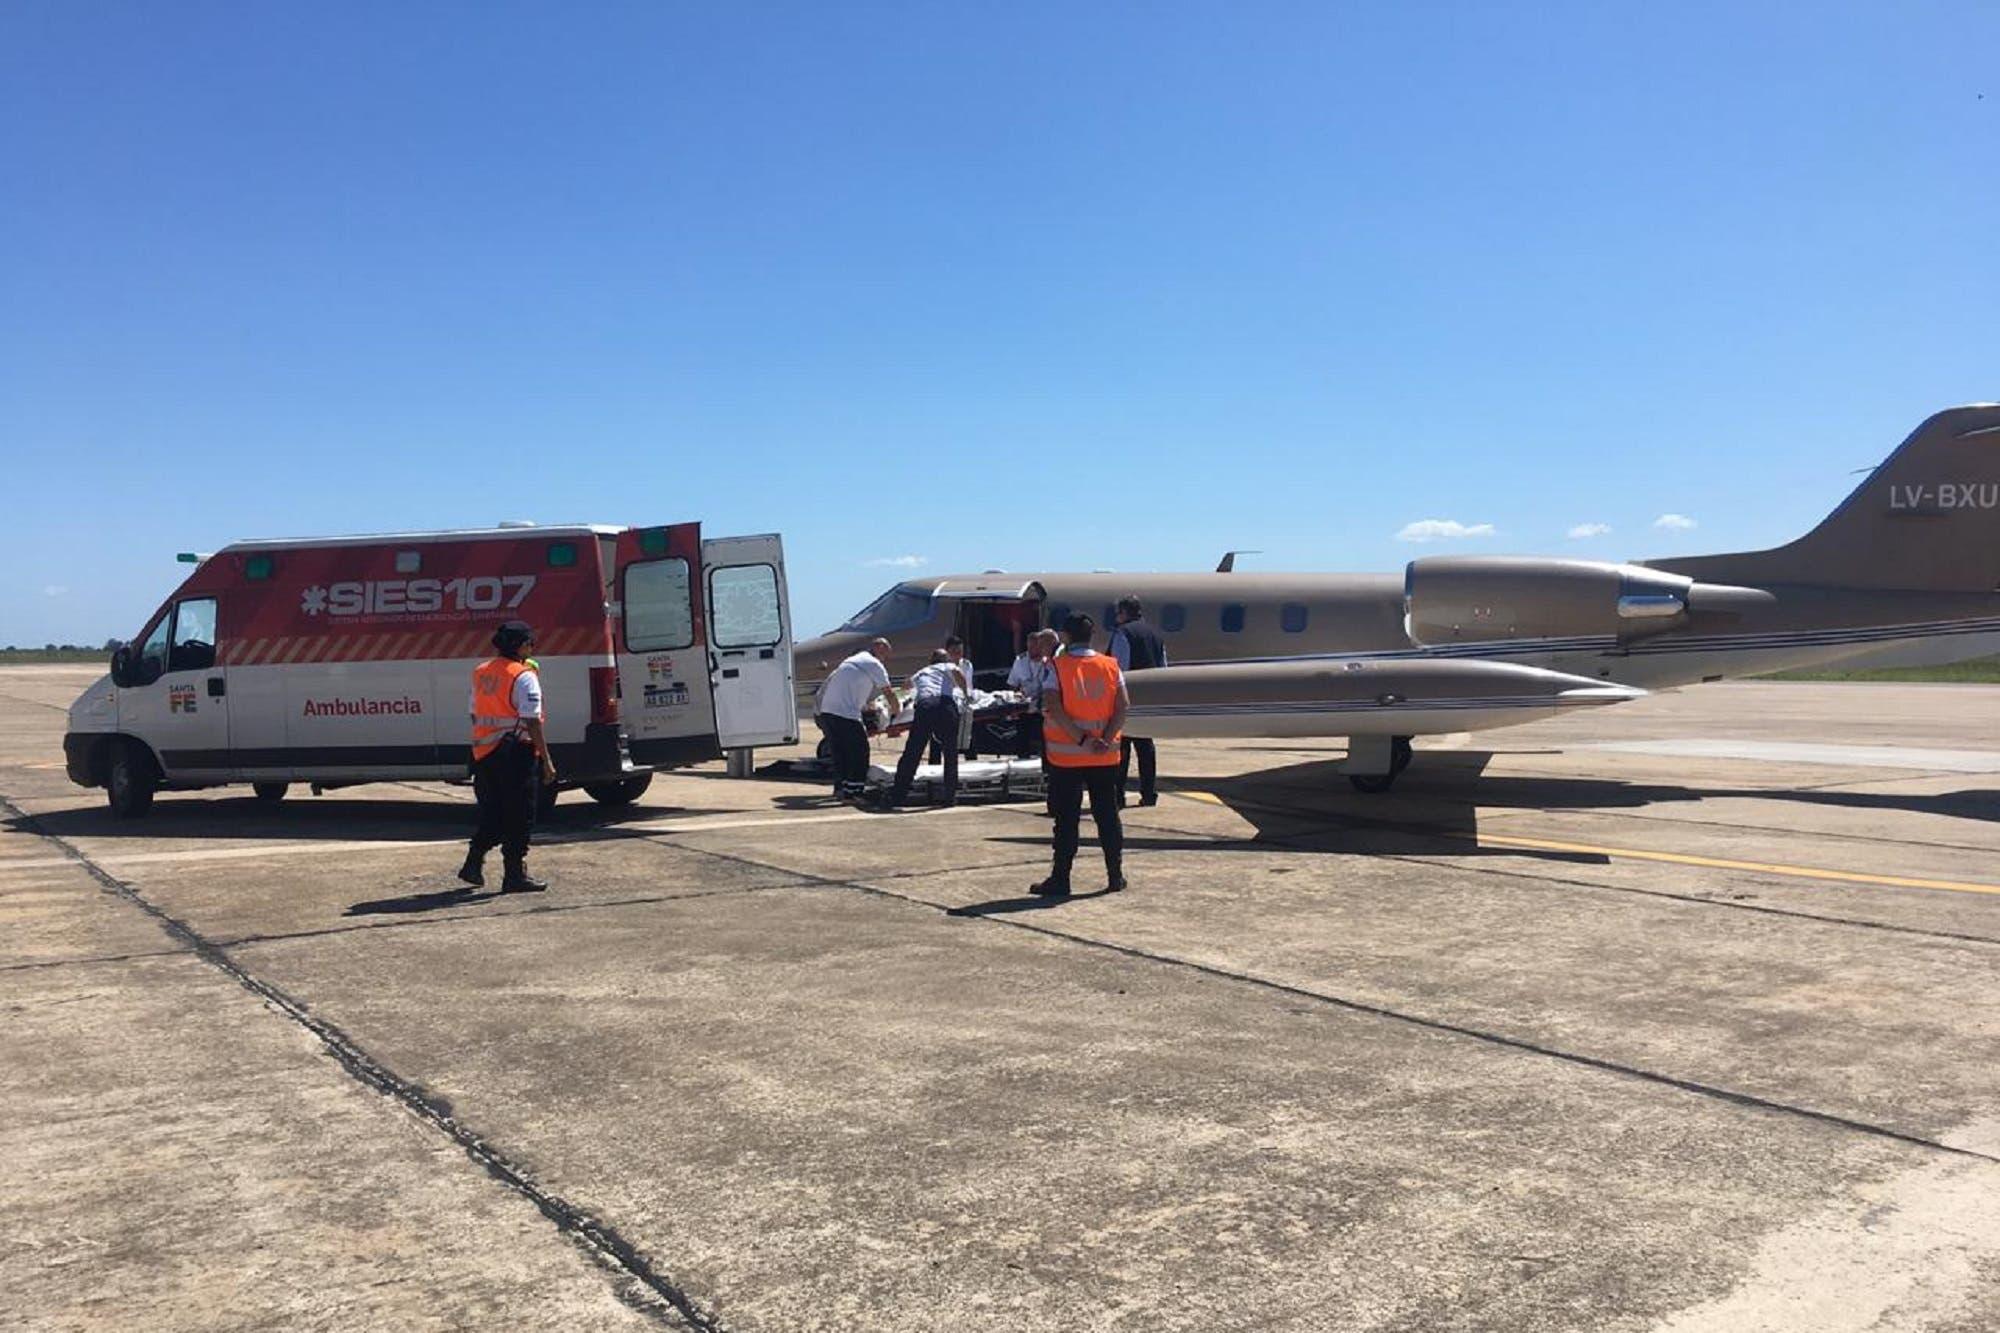 La joven quemada por su novio en Brasil fue trasladada a Santa Fe en un avión sanitario